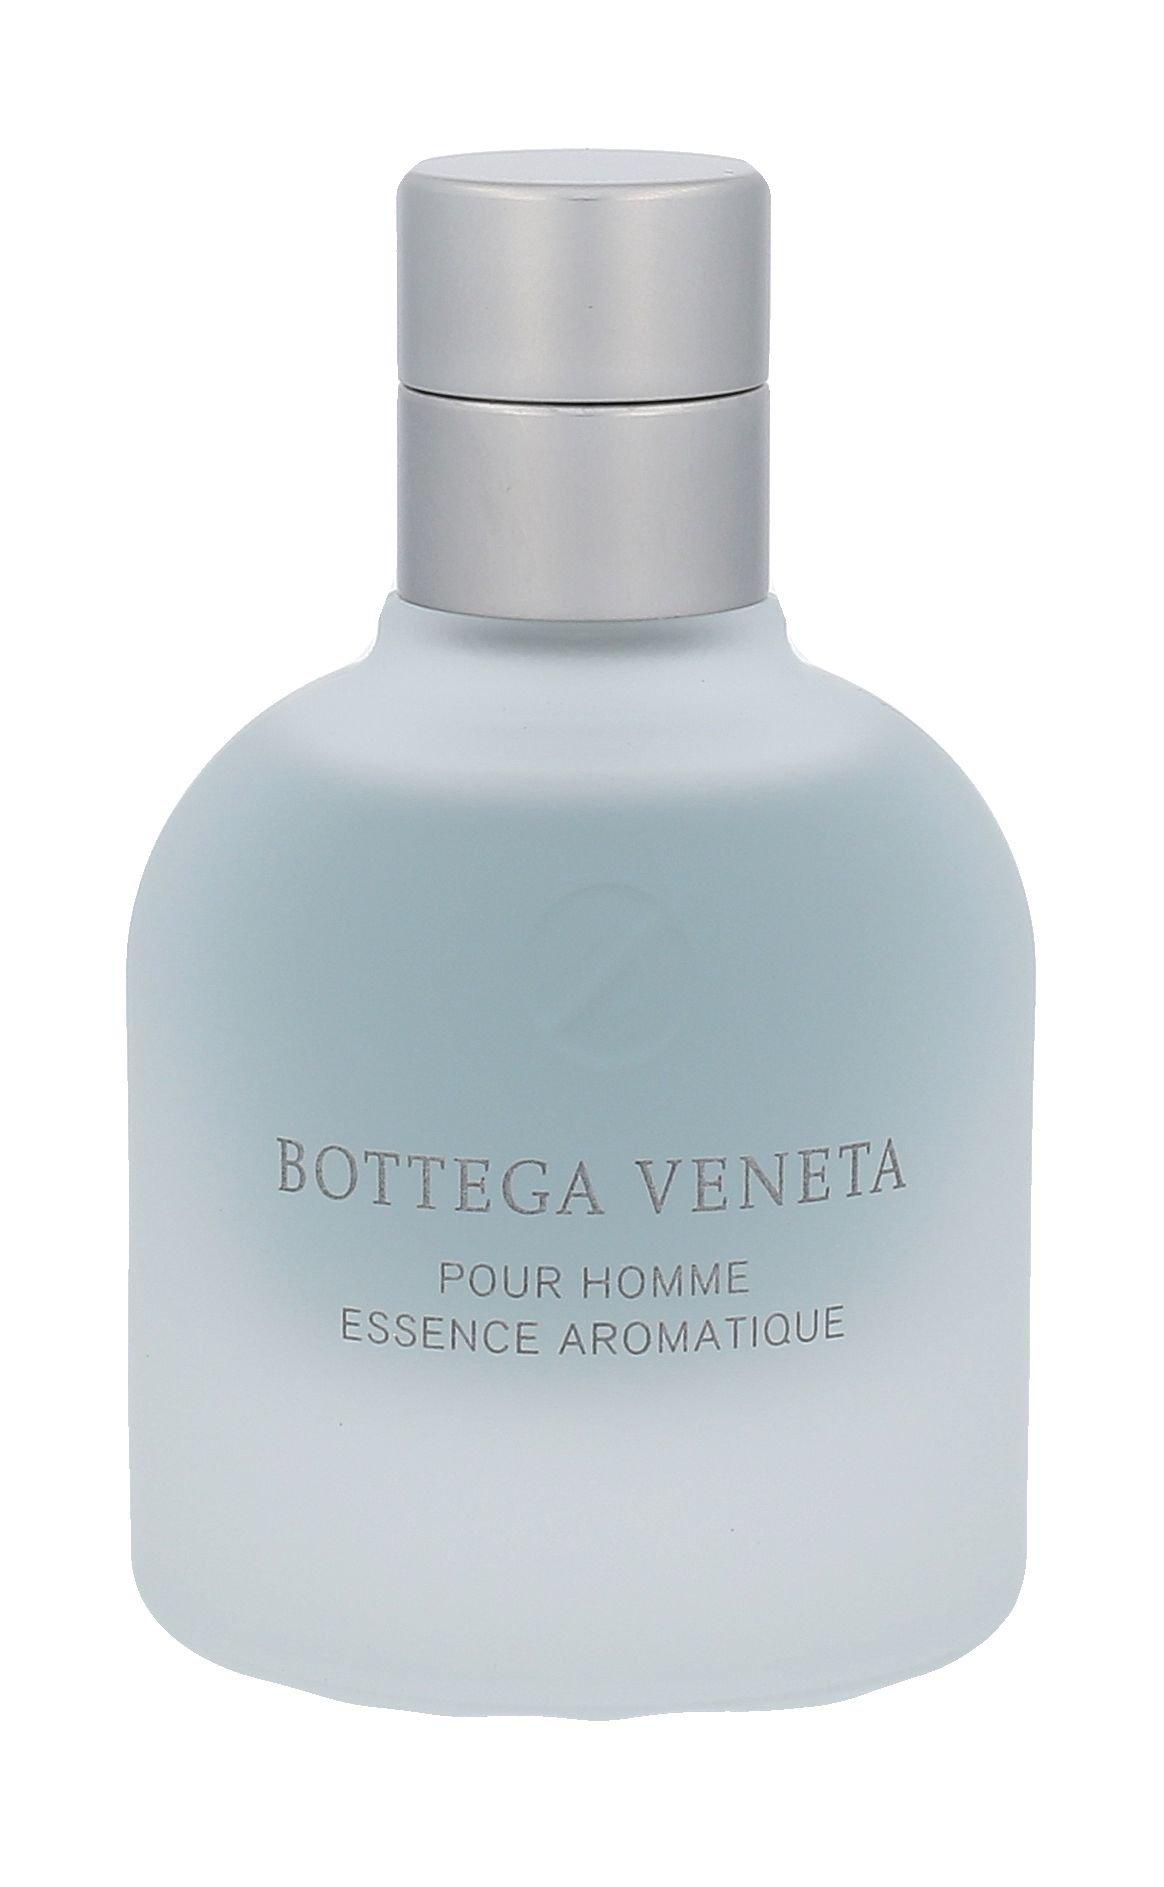 Bottega Veneta Bottega Veneta Pour Homme Essence Aromatique Cologne 50ml